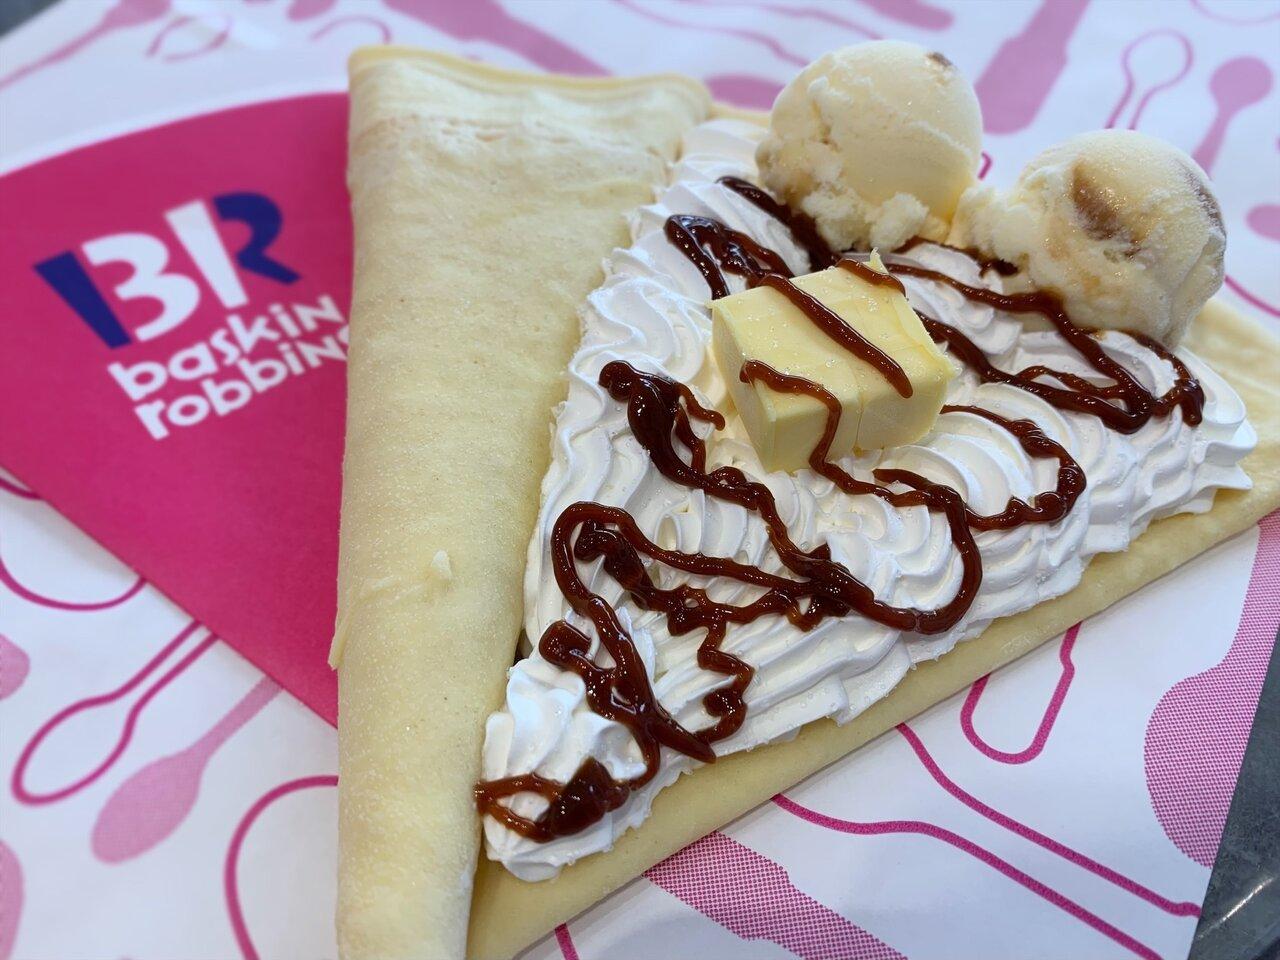 サーティワンエクスペリエンスの塩キャラメルシュガーバター&アイスクリーム クレープ